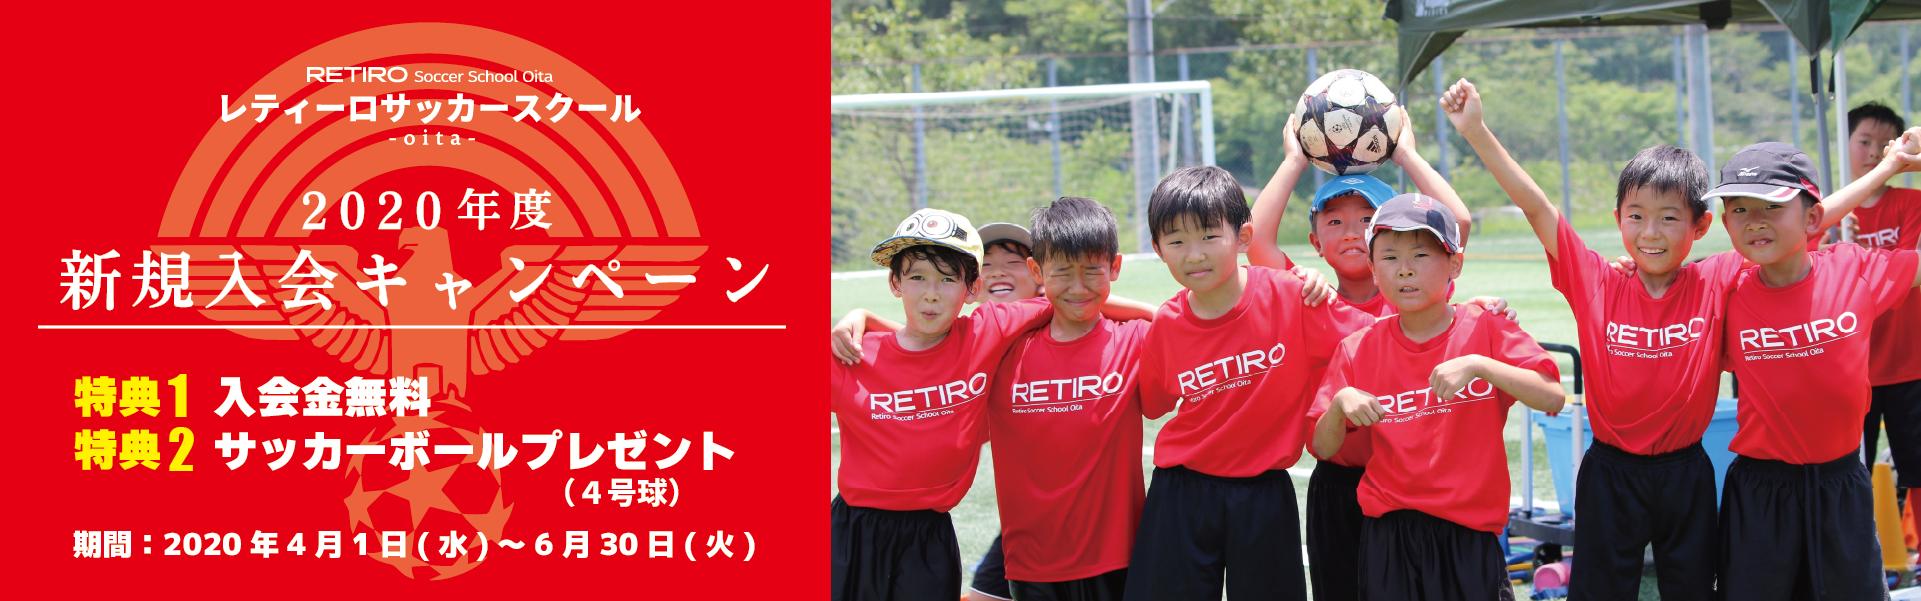 2020年度 新規キャンペーンご案内(レティーロサッカースクール)